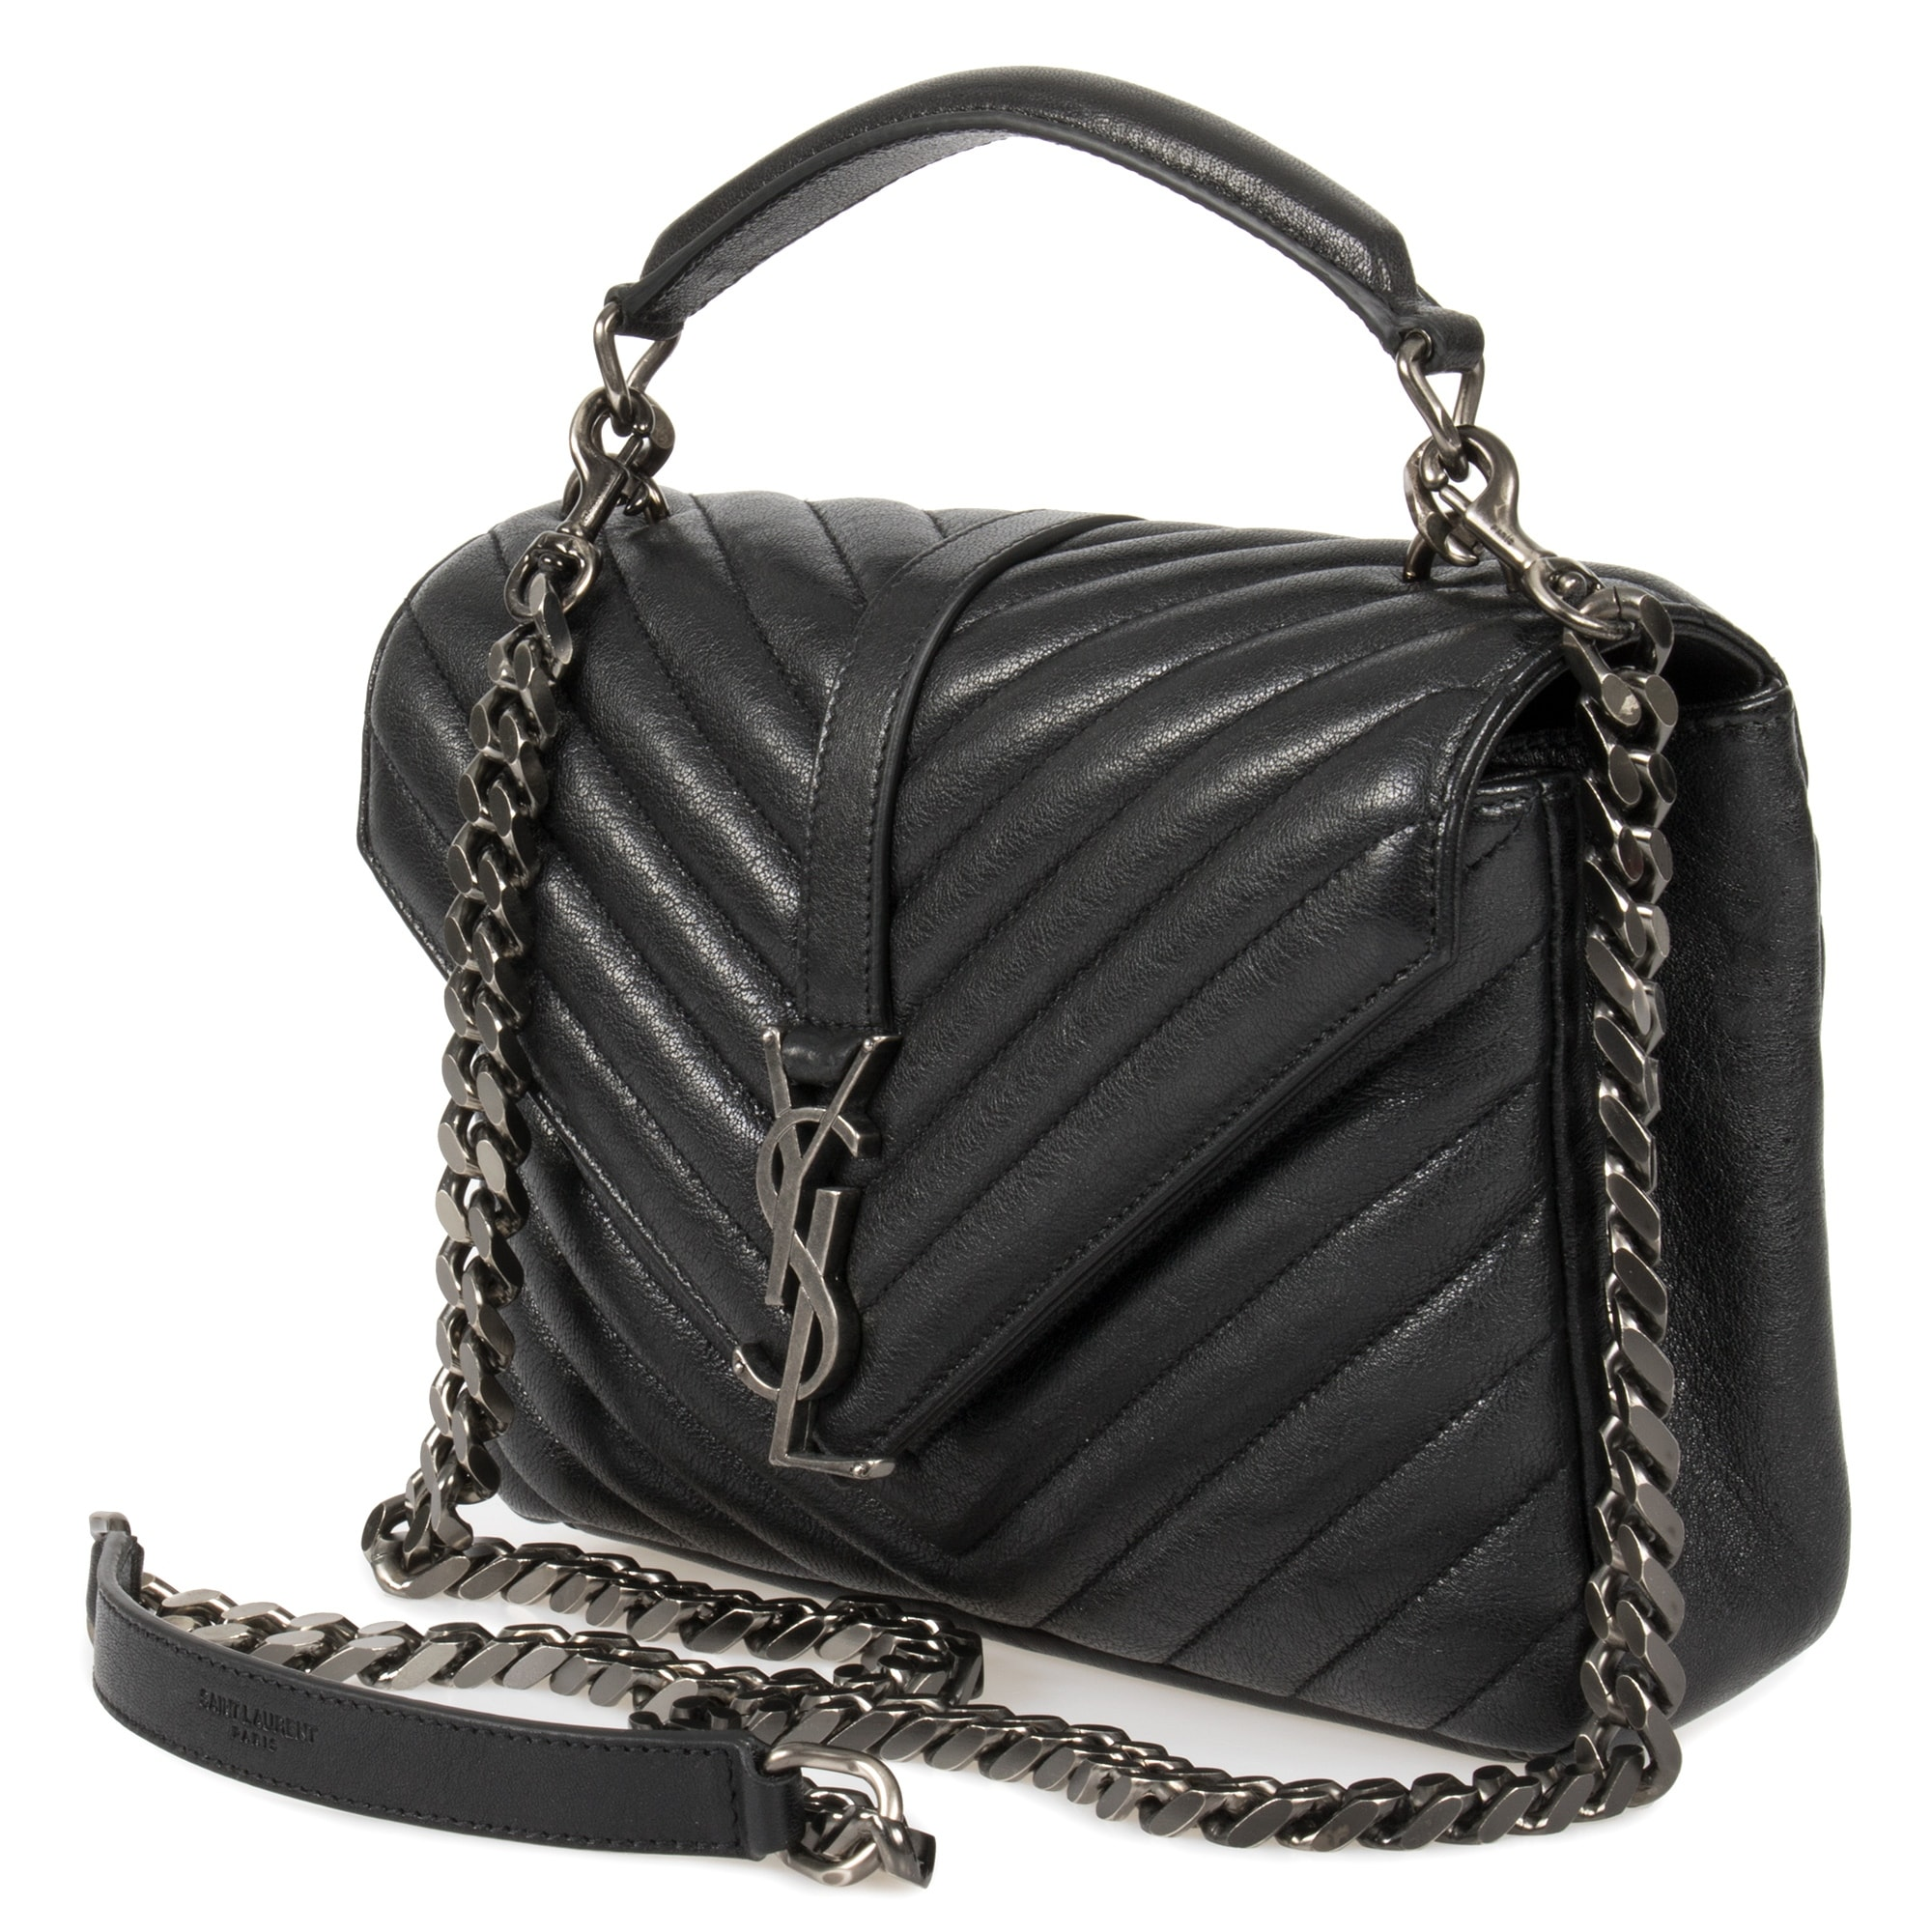 977c228017c Shop Saint Laurent Classic Medium Monogram Black Matelasse Leather College  Bag - Ships To Canada - Overstock - 23076884